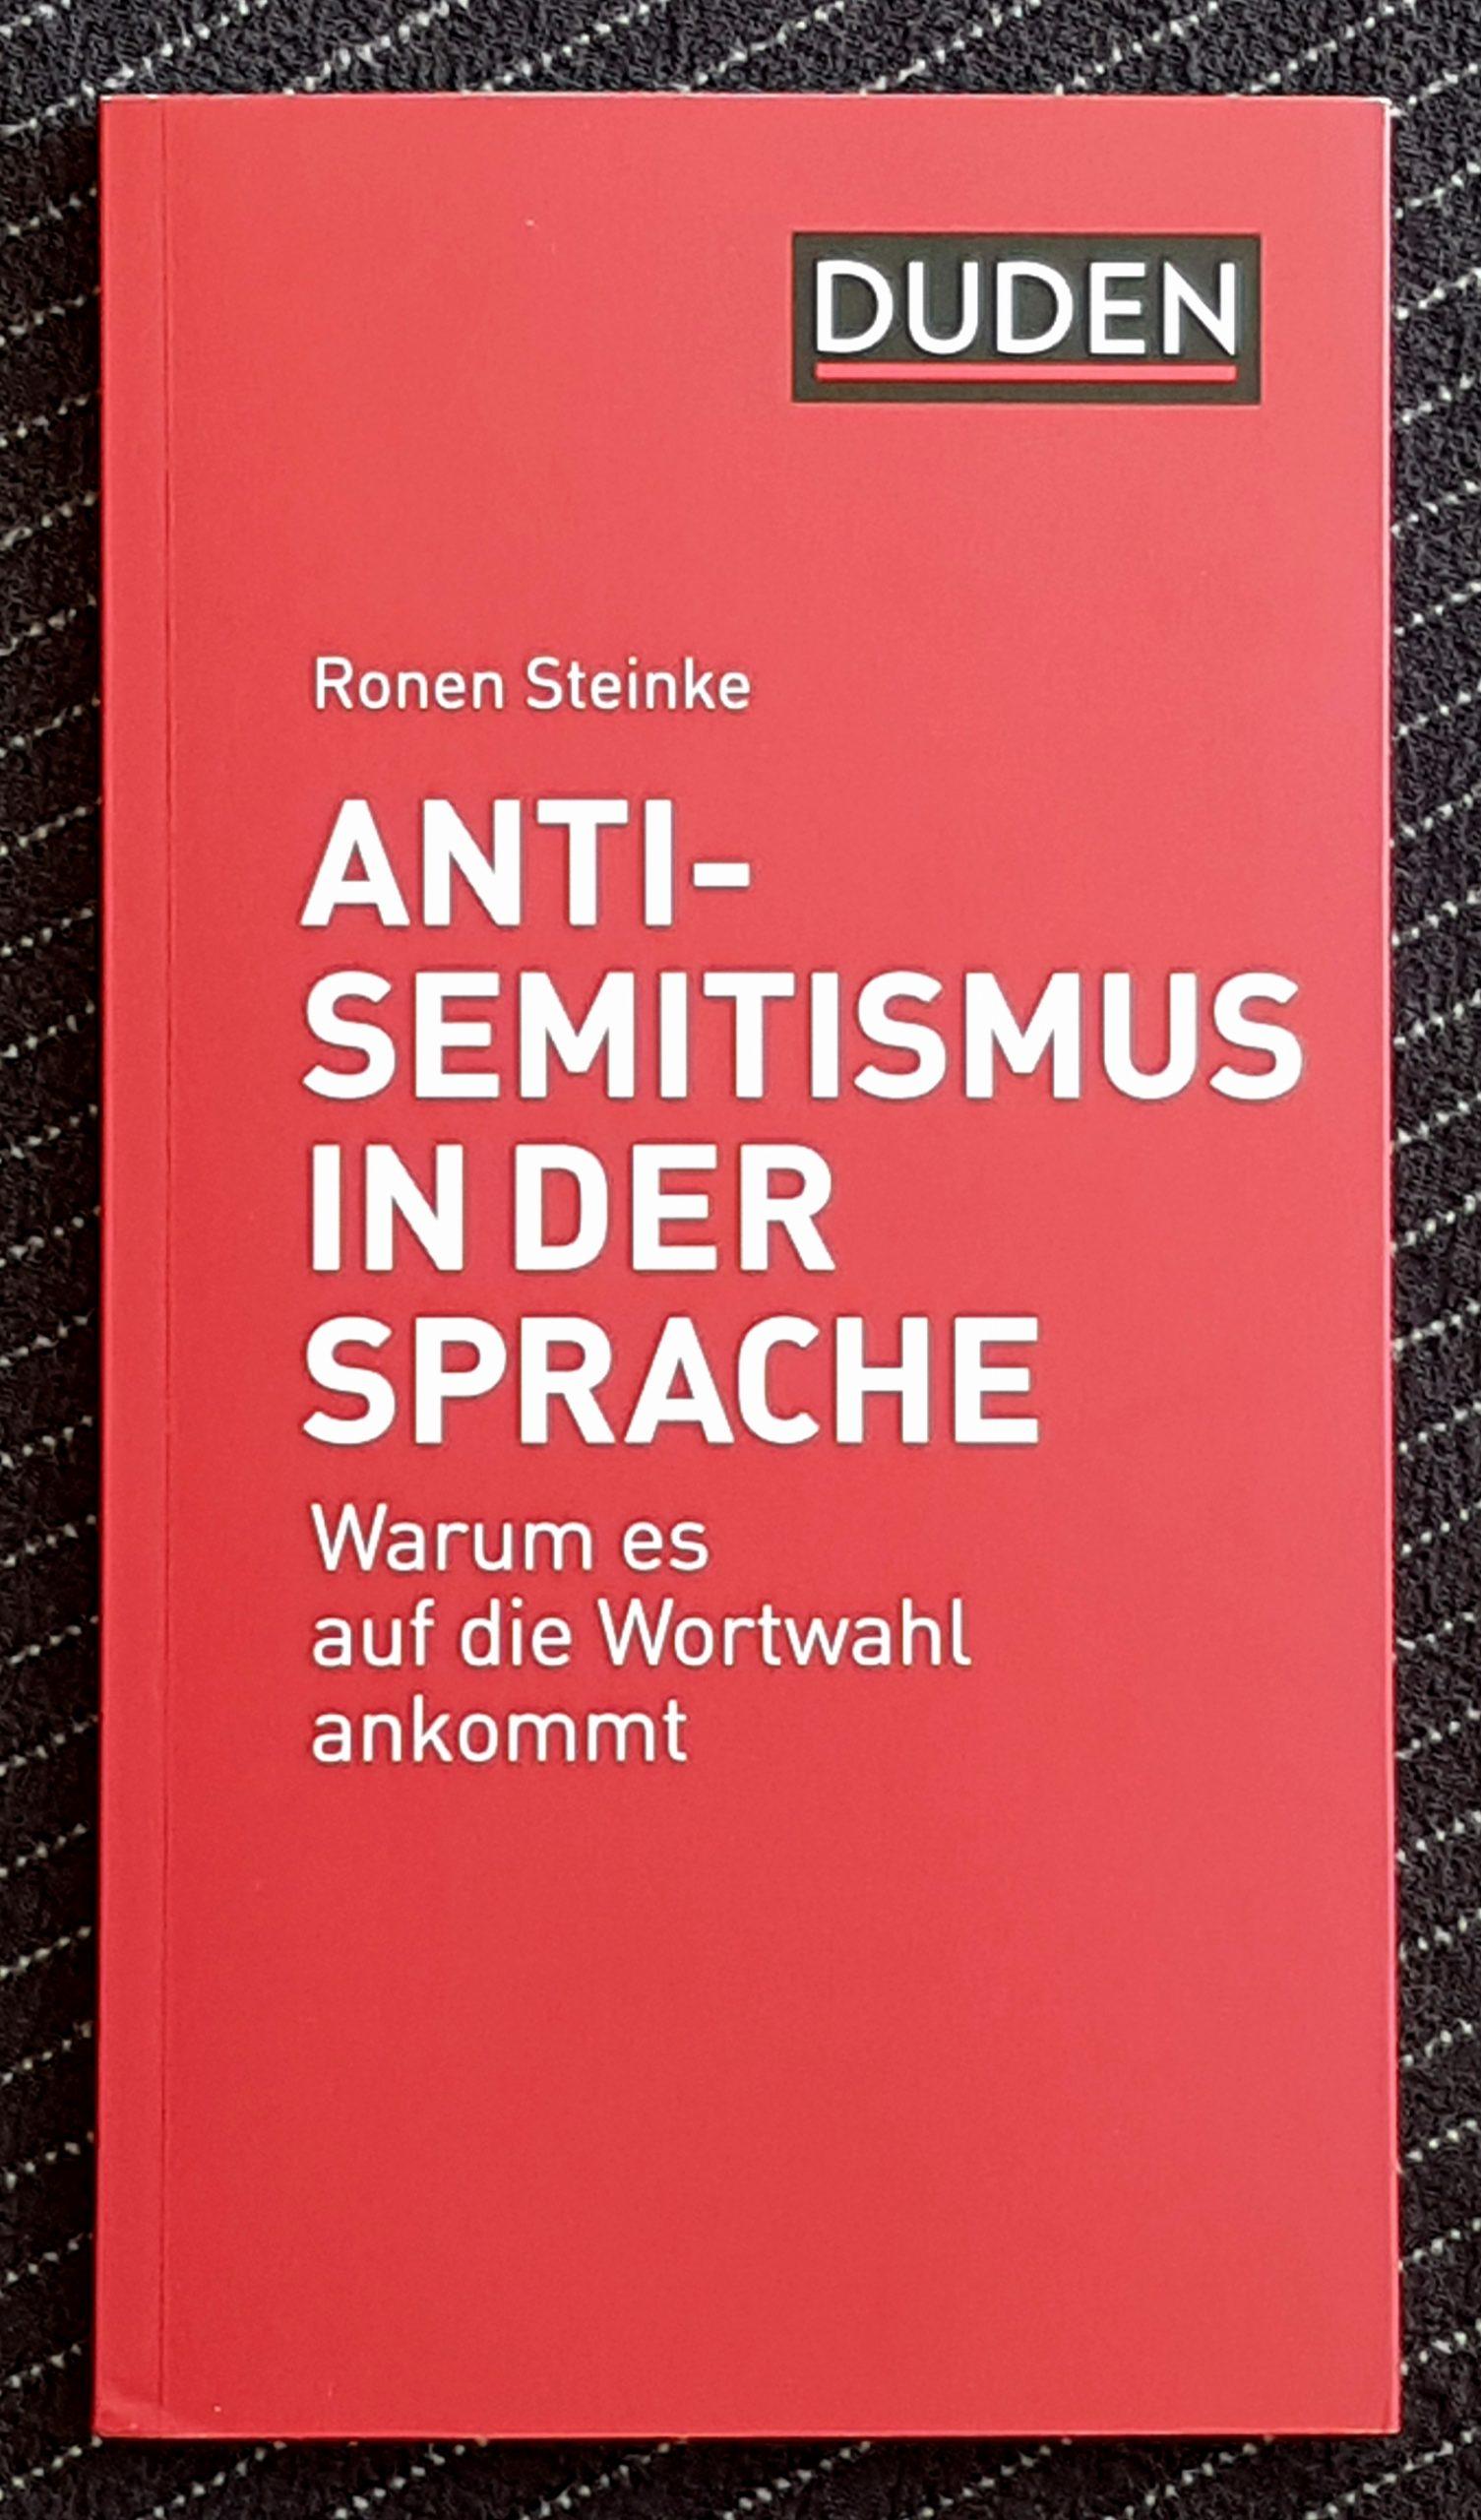 Foto des Buchdeckels. Roter Einband, weiß in schwarzem Kasten steht 'Duden', darunter in weiß der Autorenname Ronen Steinke und der Titel: 'Antisemitismus in der Sprache - Warum es auf die Wortwahl ankommt' .